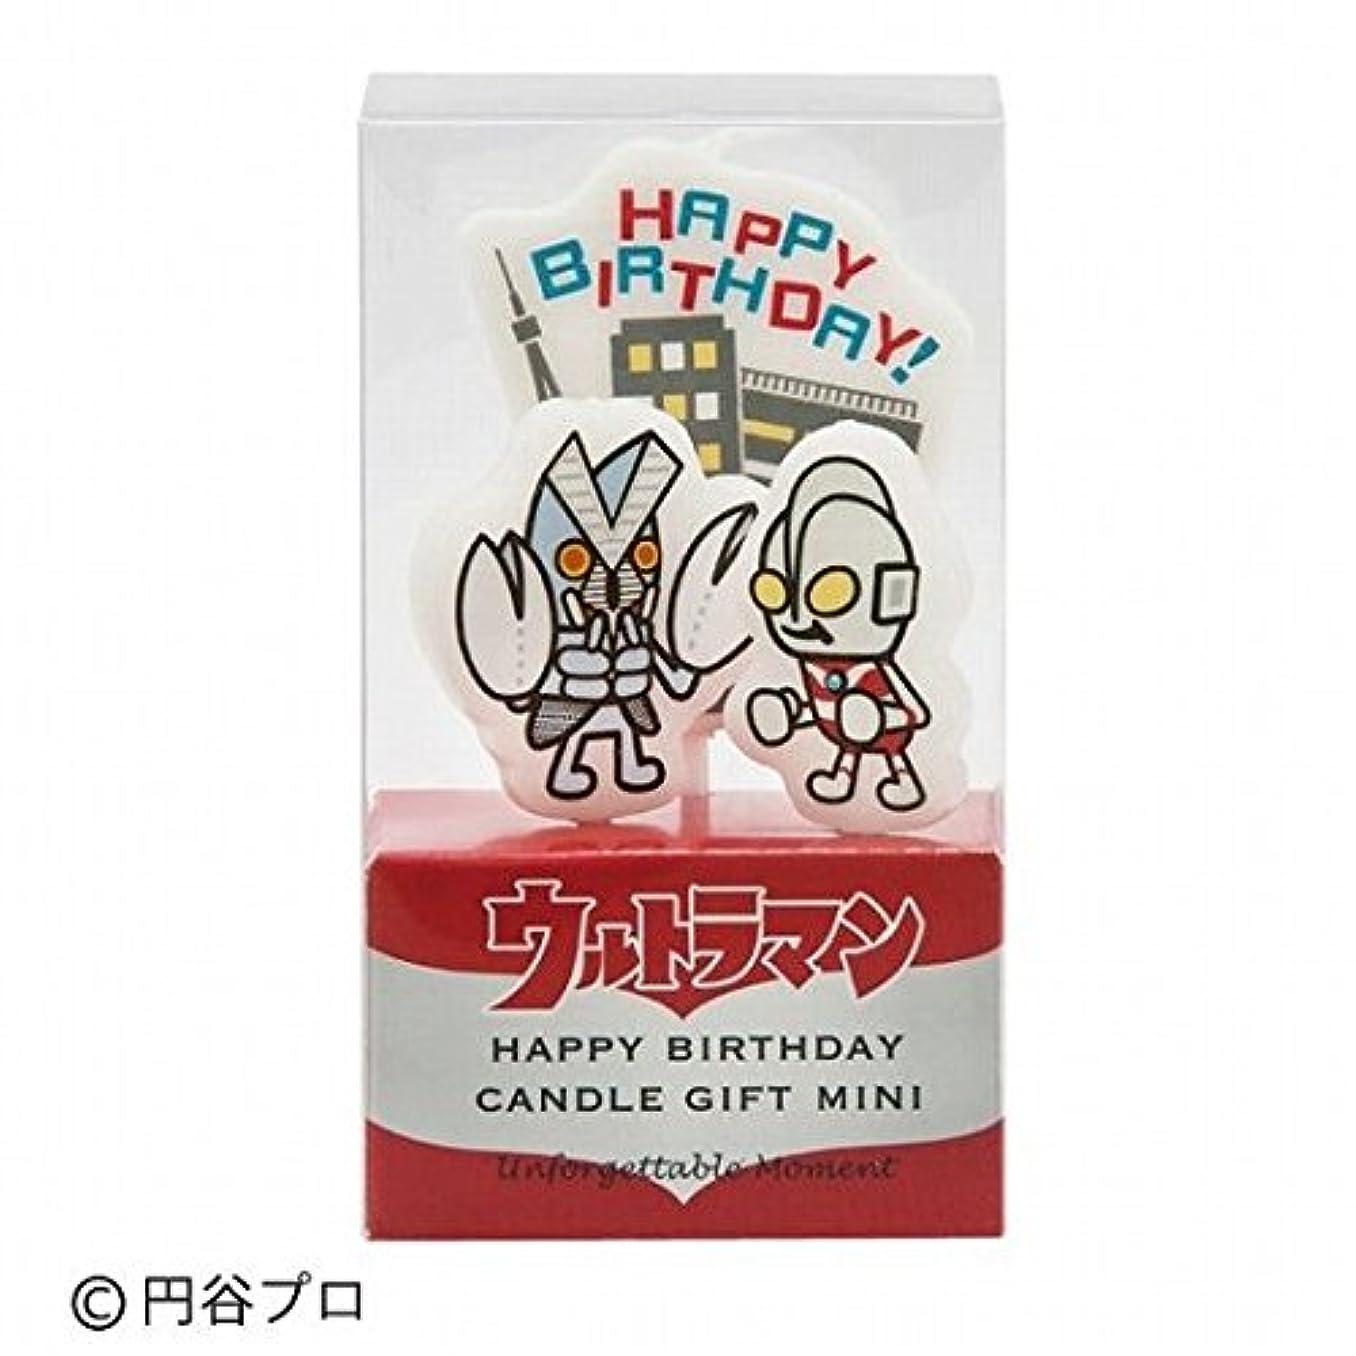 ケイ素一流鉛kameyama candle(カメヤマキャンドル) ウルトラマンキャンドルギフトミニ 「 ハッピーバースデー 」(55360060)